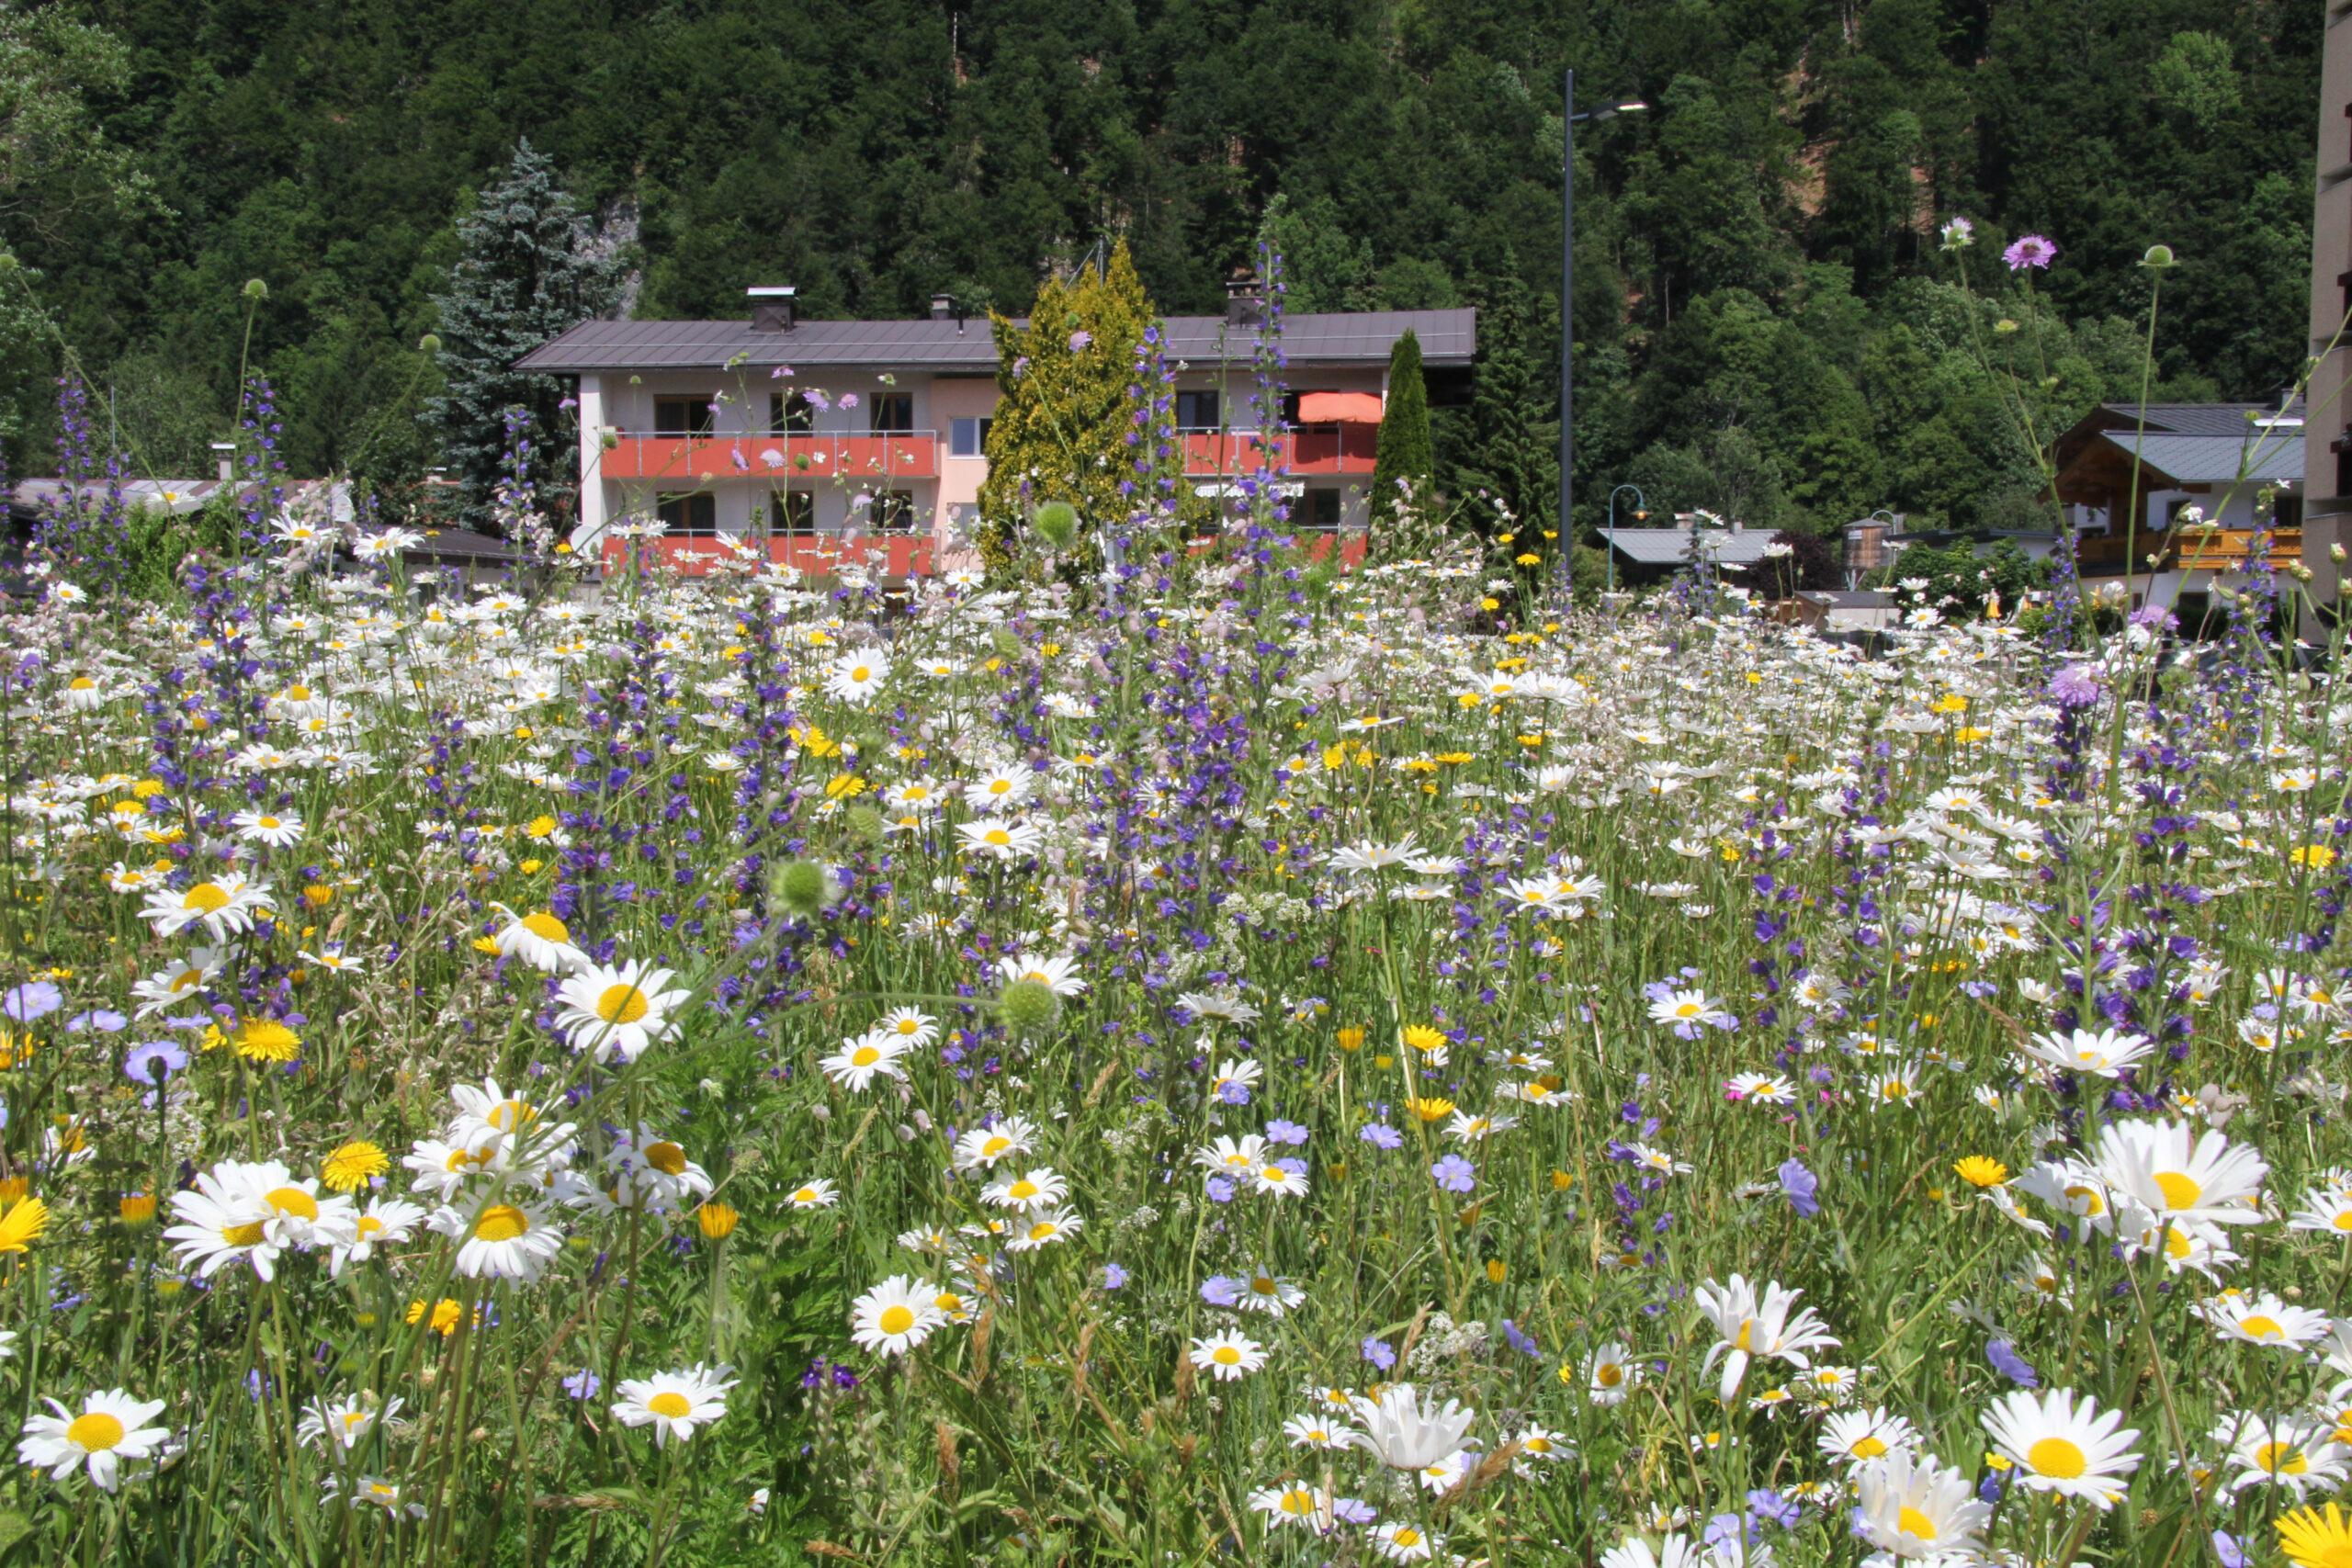 Pflanzenschutz im Naturgarten, 09.06.2021